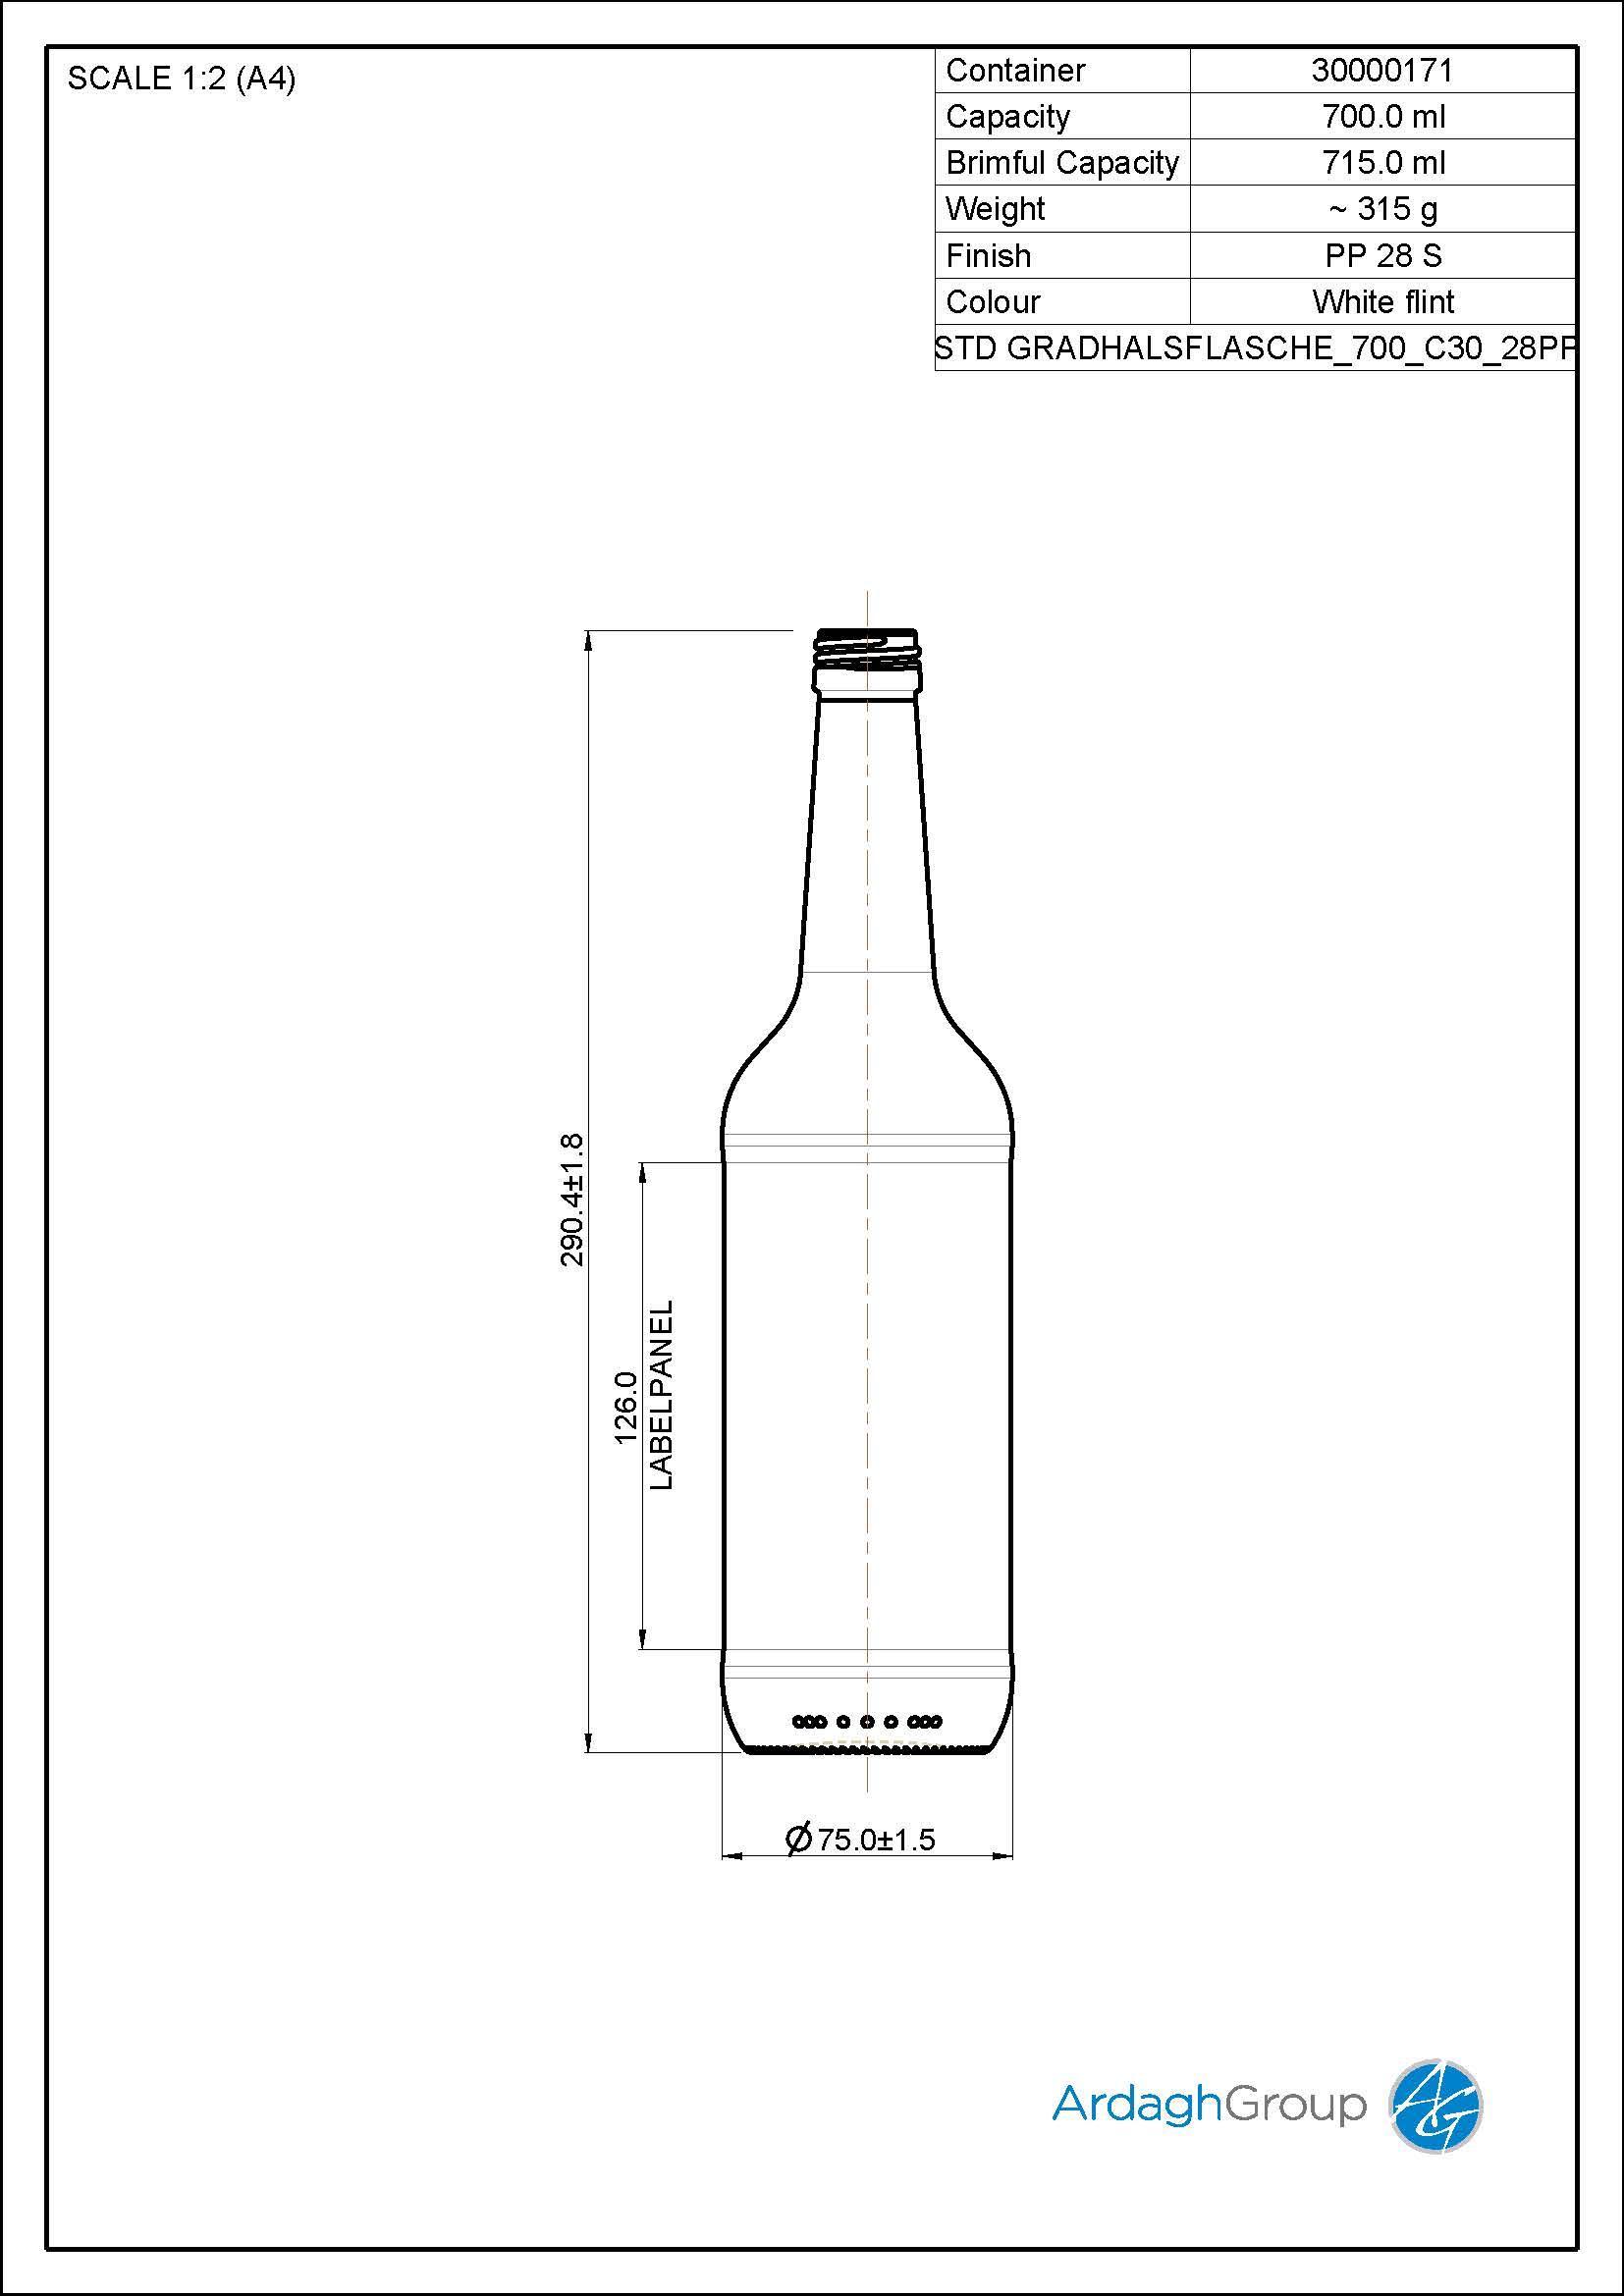 Std. Gradhalsflasche_700_C30_28PP